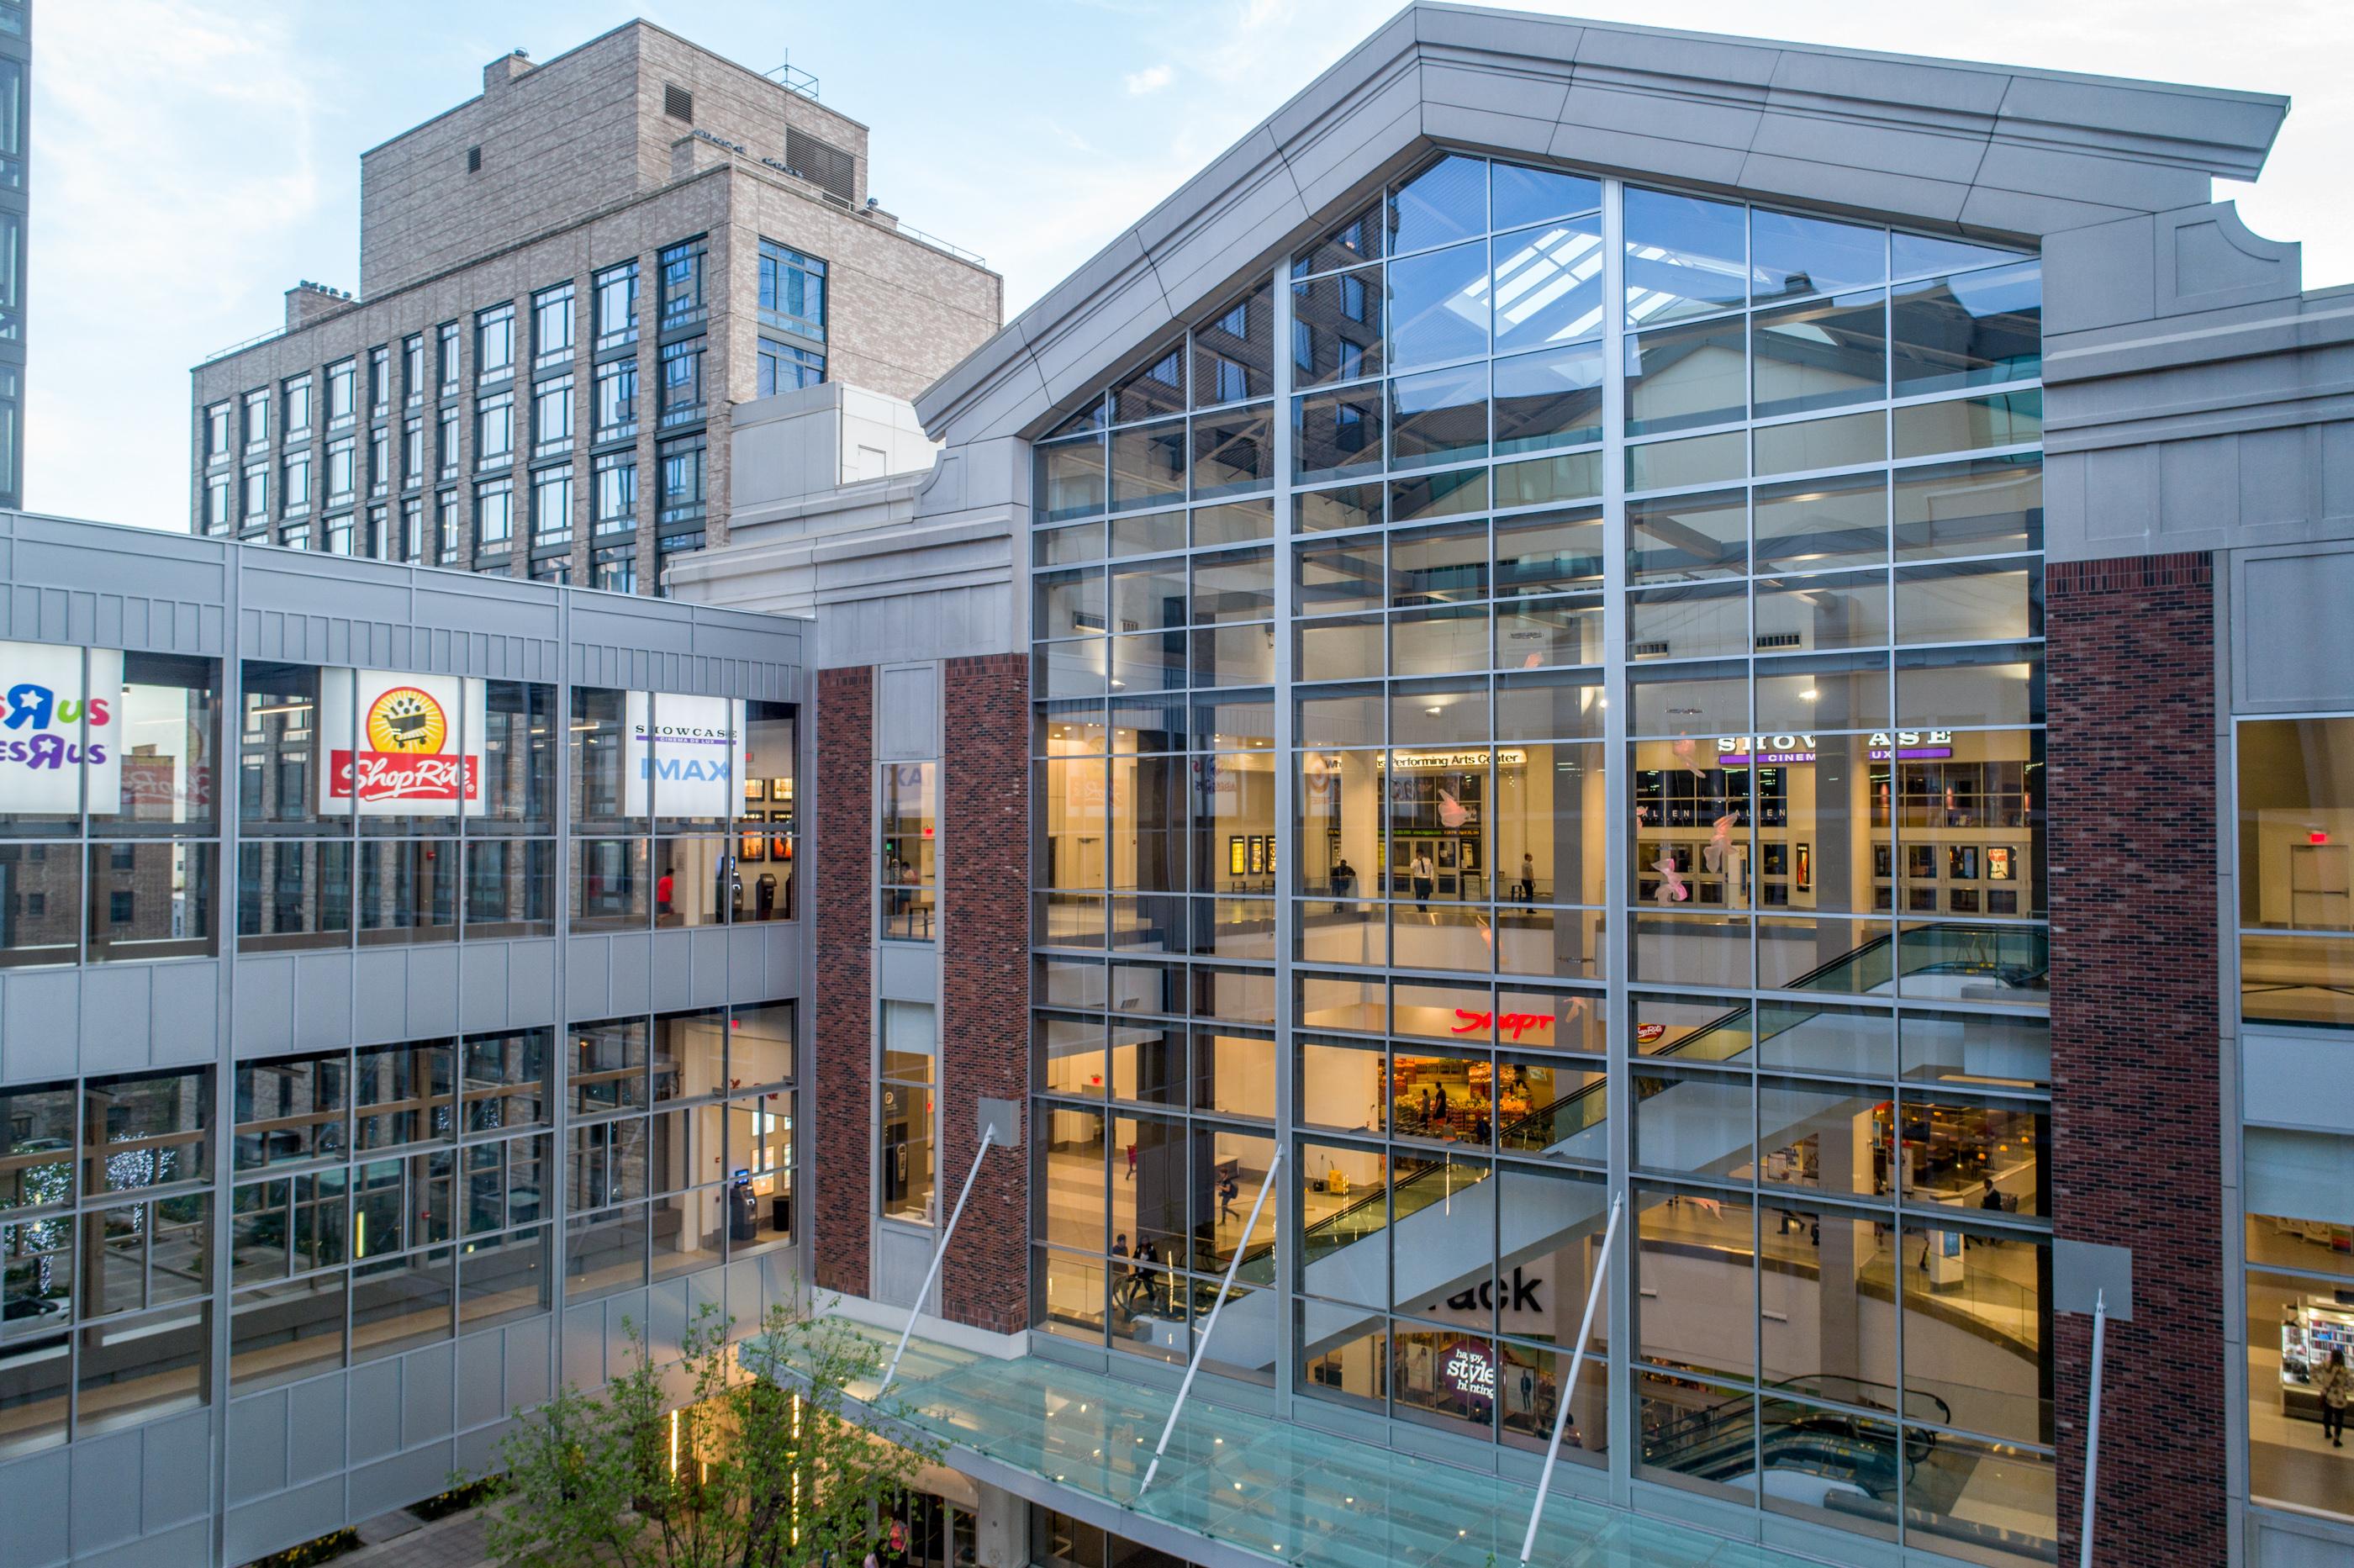 Exterior of City Center windows